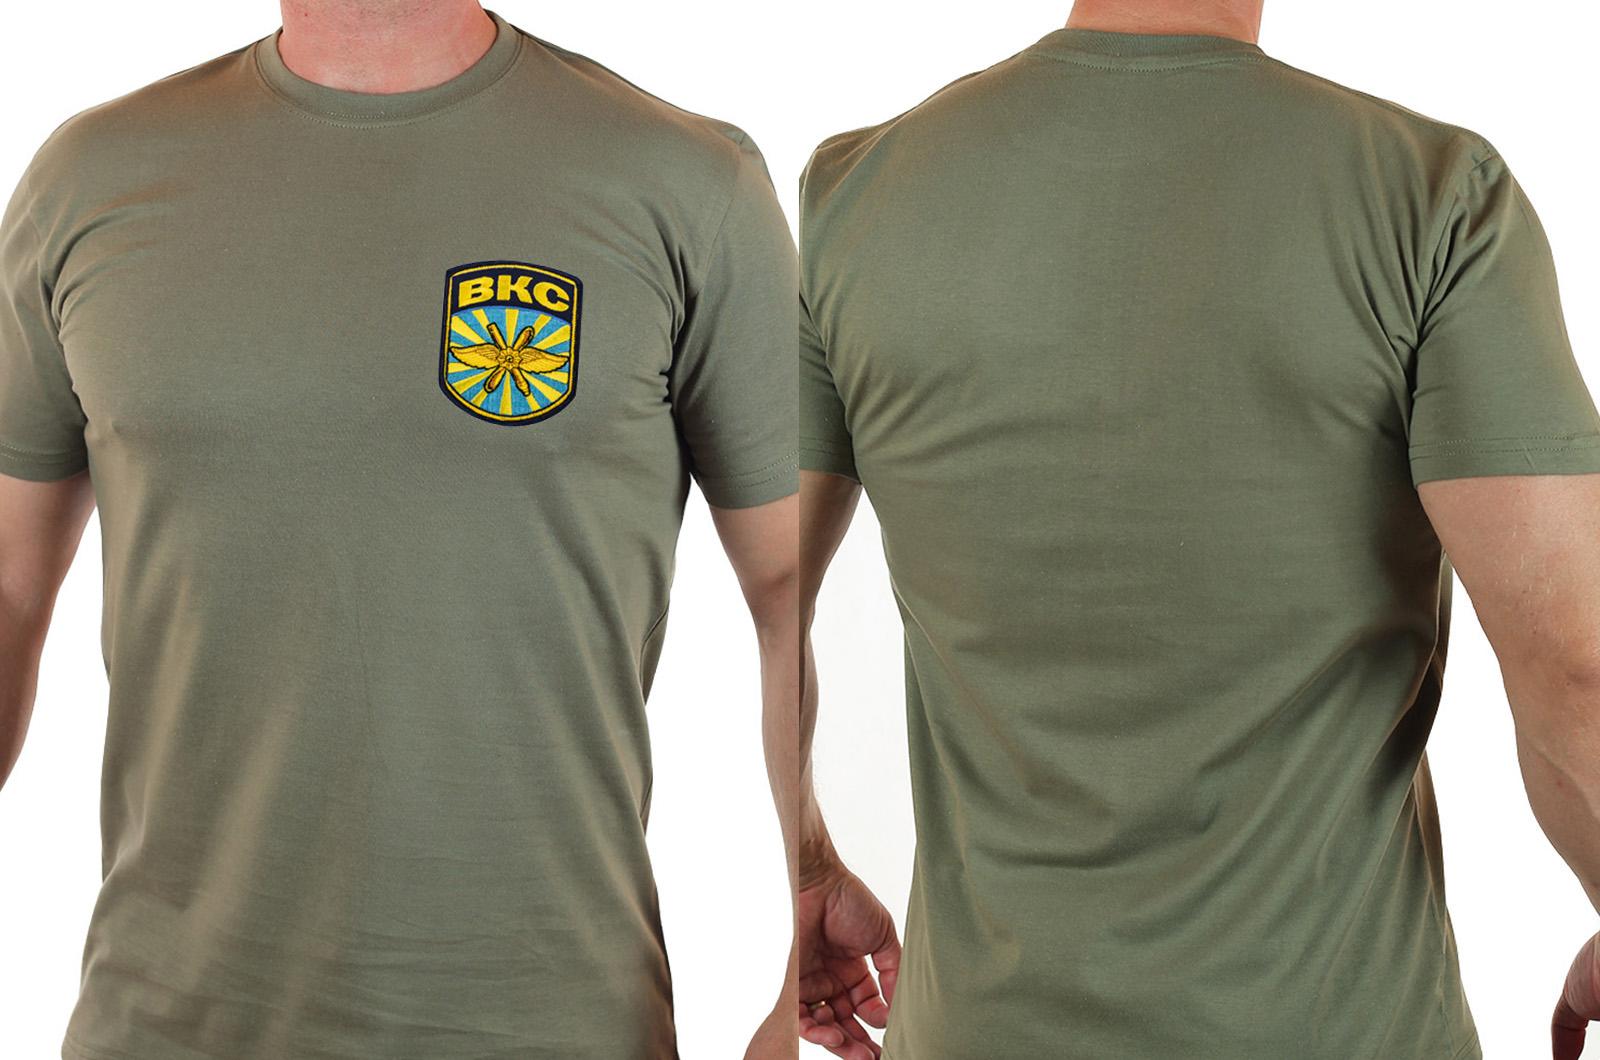 """Армейская футболка """"ВКС"""" с вышитой нашивкой - отличное предложение от Военпро"""